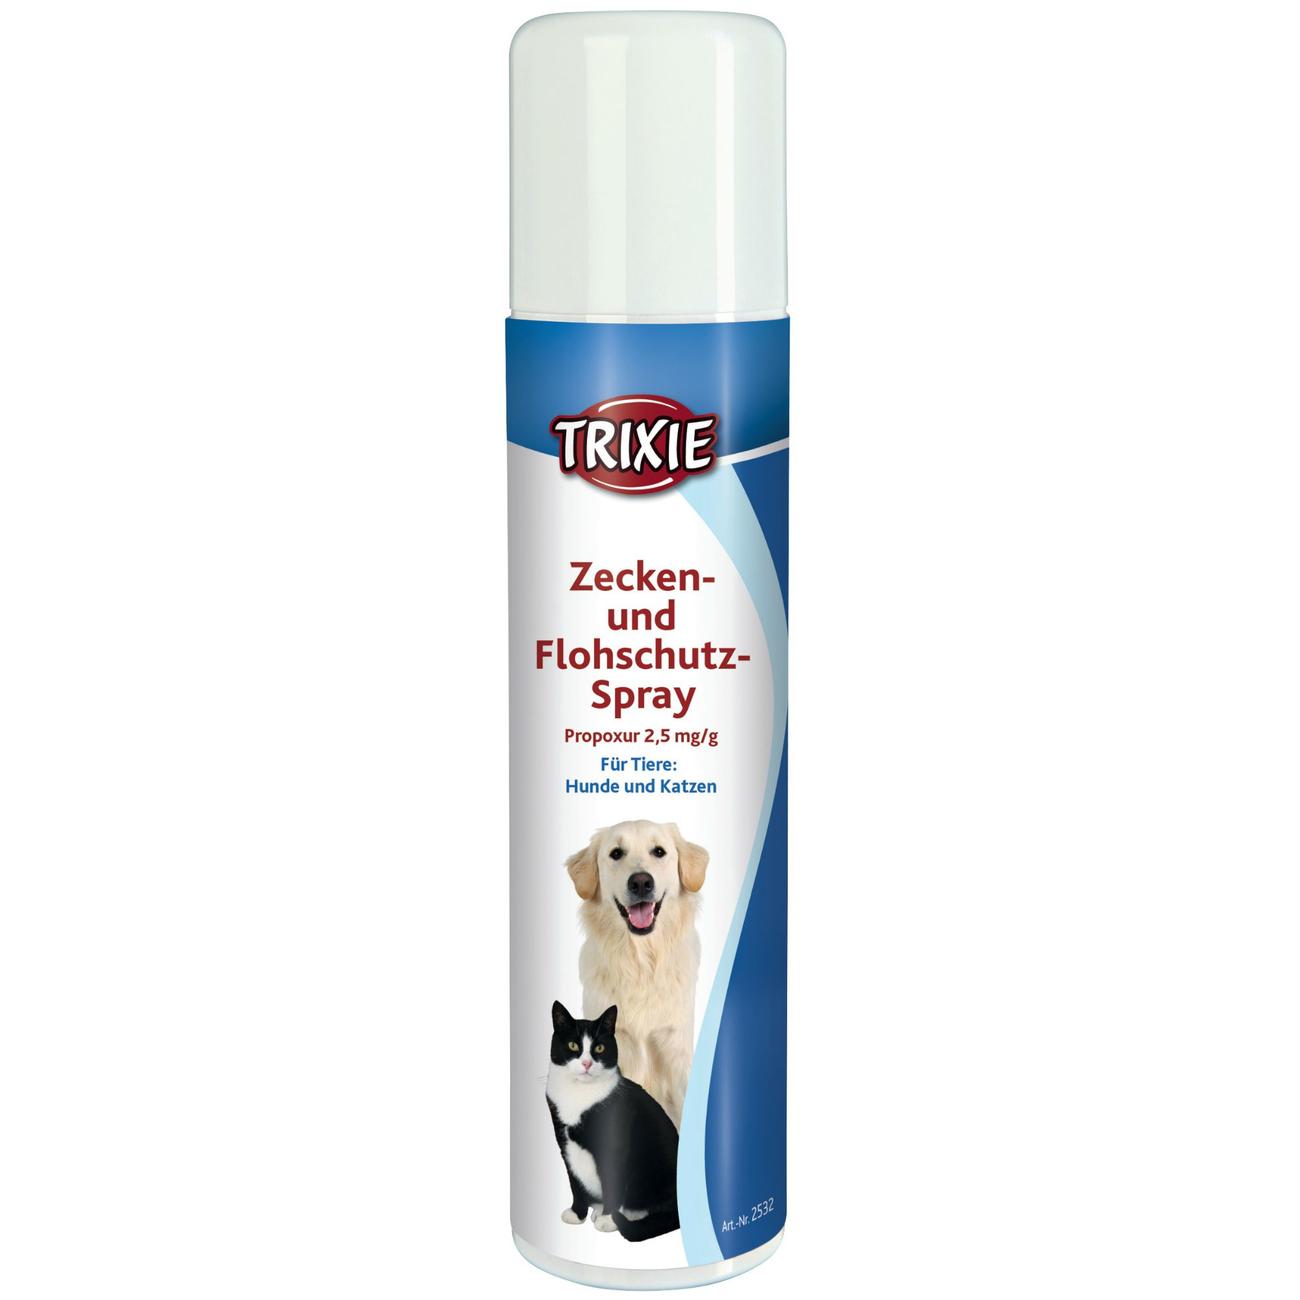 flohschutz spray f r hunde und katzen 2532 von trixie g nstig bestellen. Black Bedroom Furniture Sets. Home Design Ideas